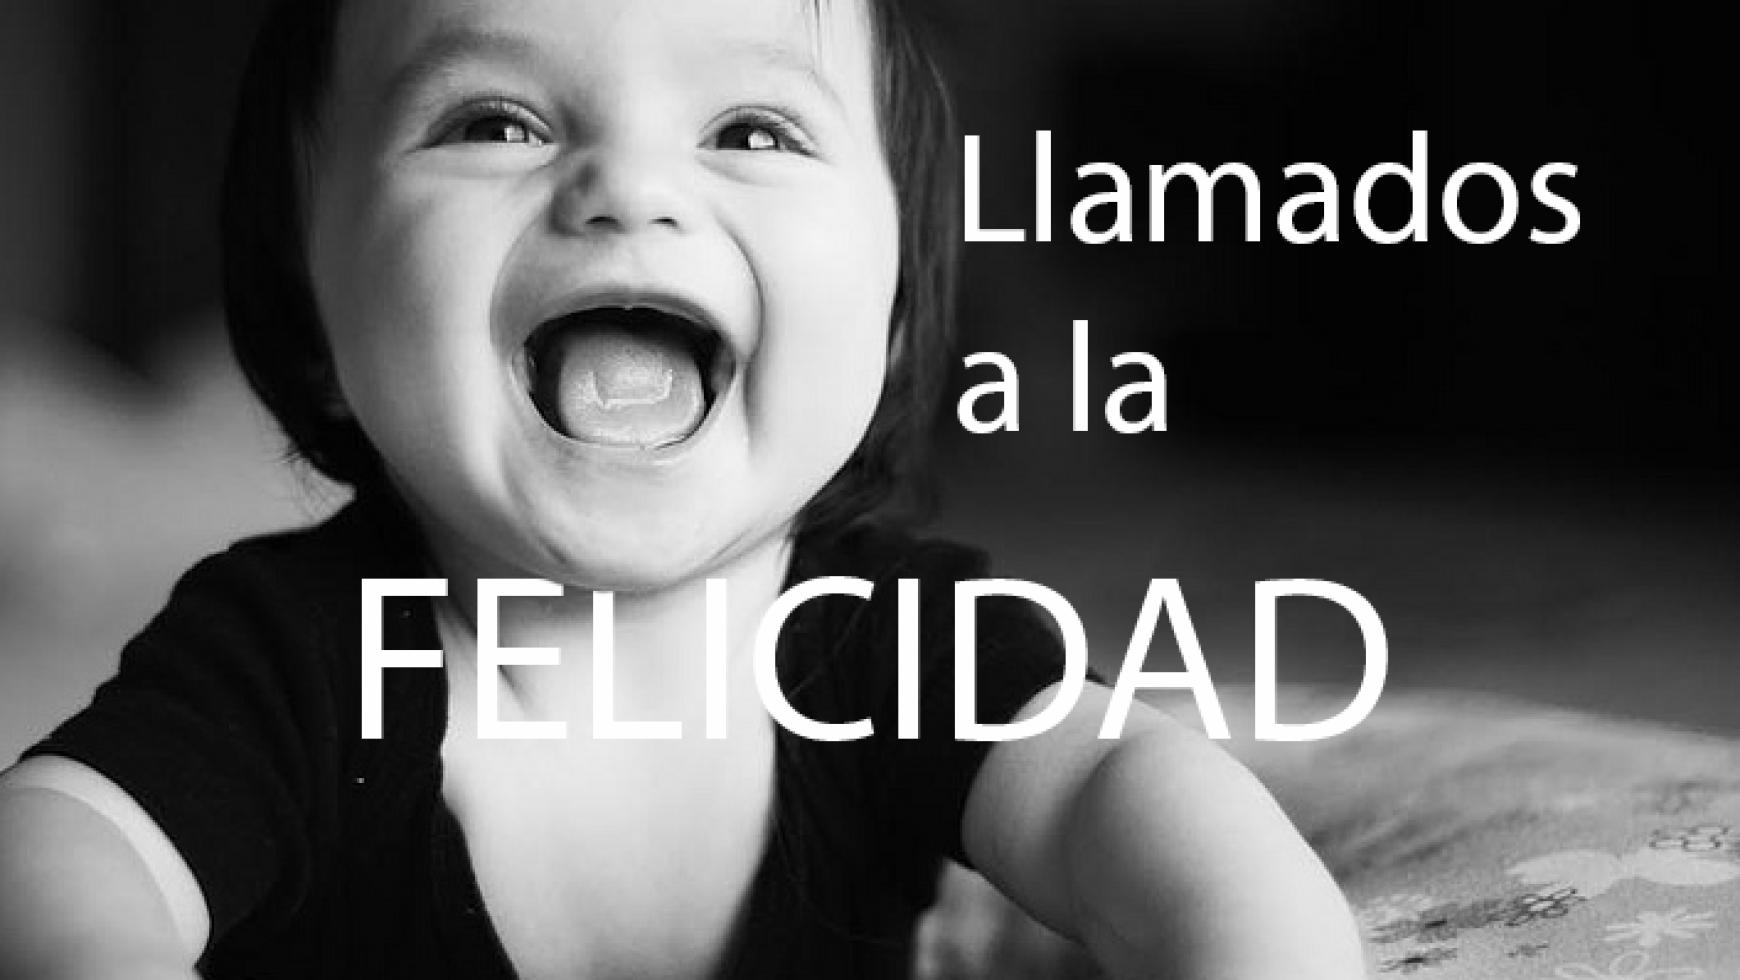 Predicacion: Llamados a la Felicidad (13/07/2014)